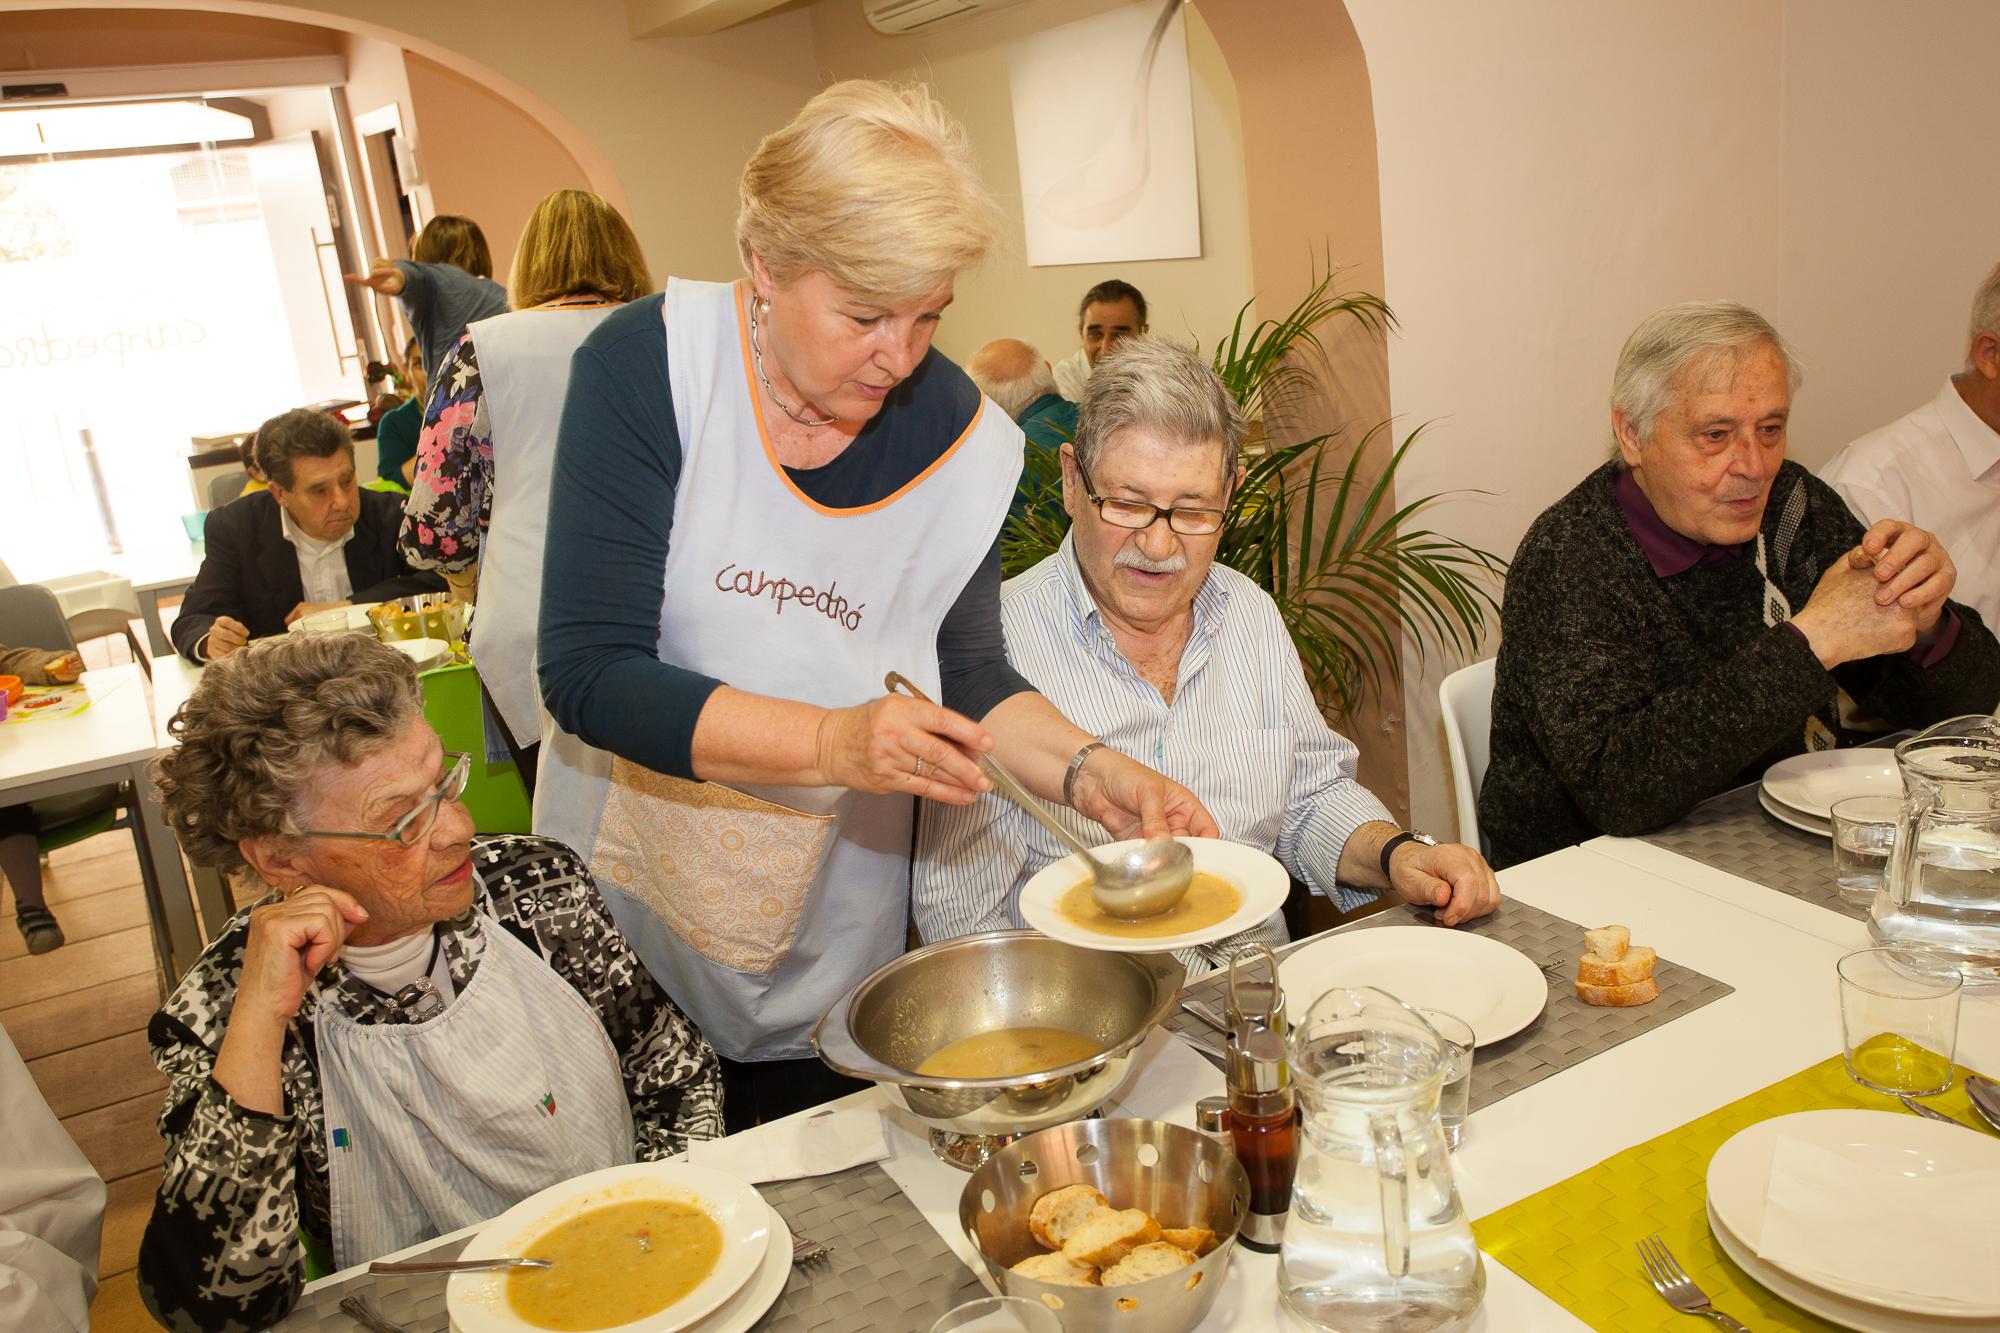 El programa del comedor social de la Fundación Canpedró